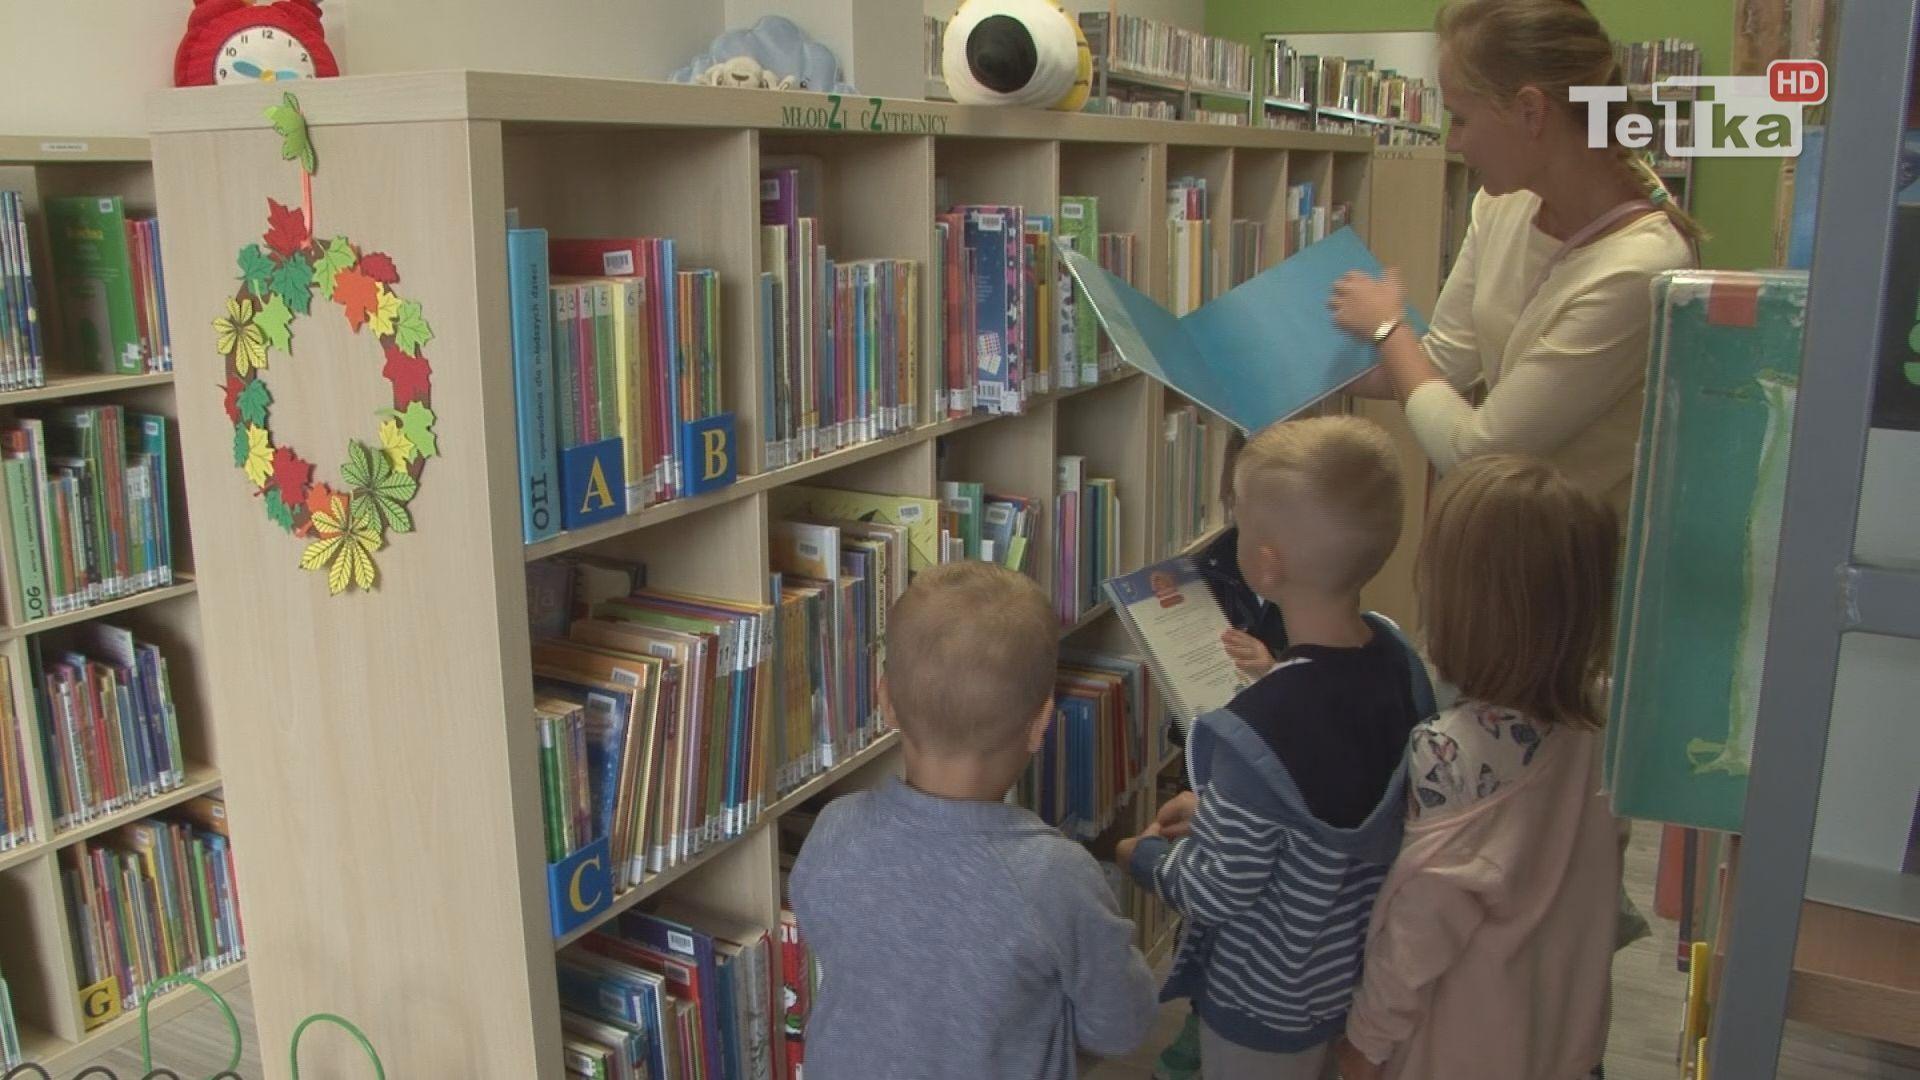 Nowe ksiązki trafia do tczewskich bibliotek